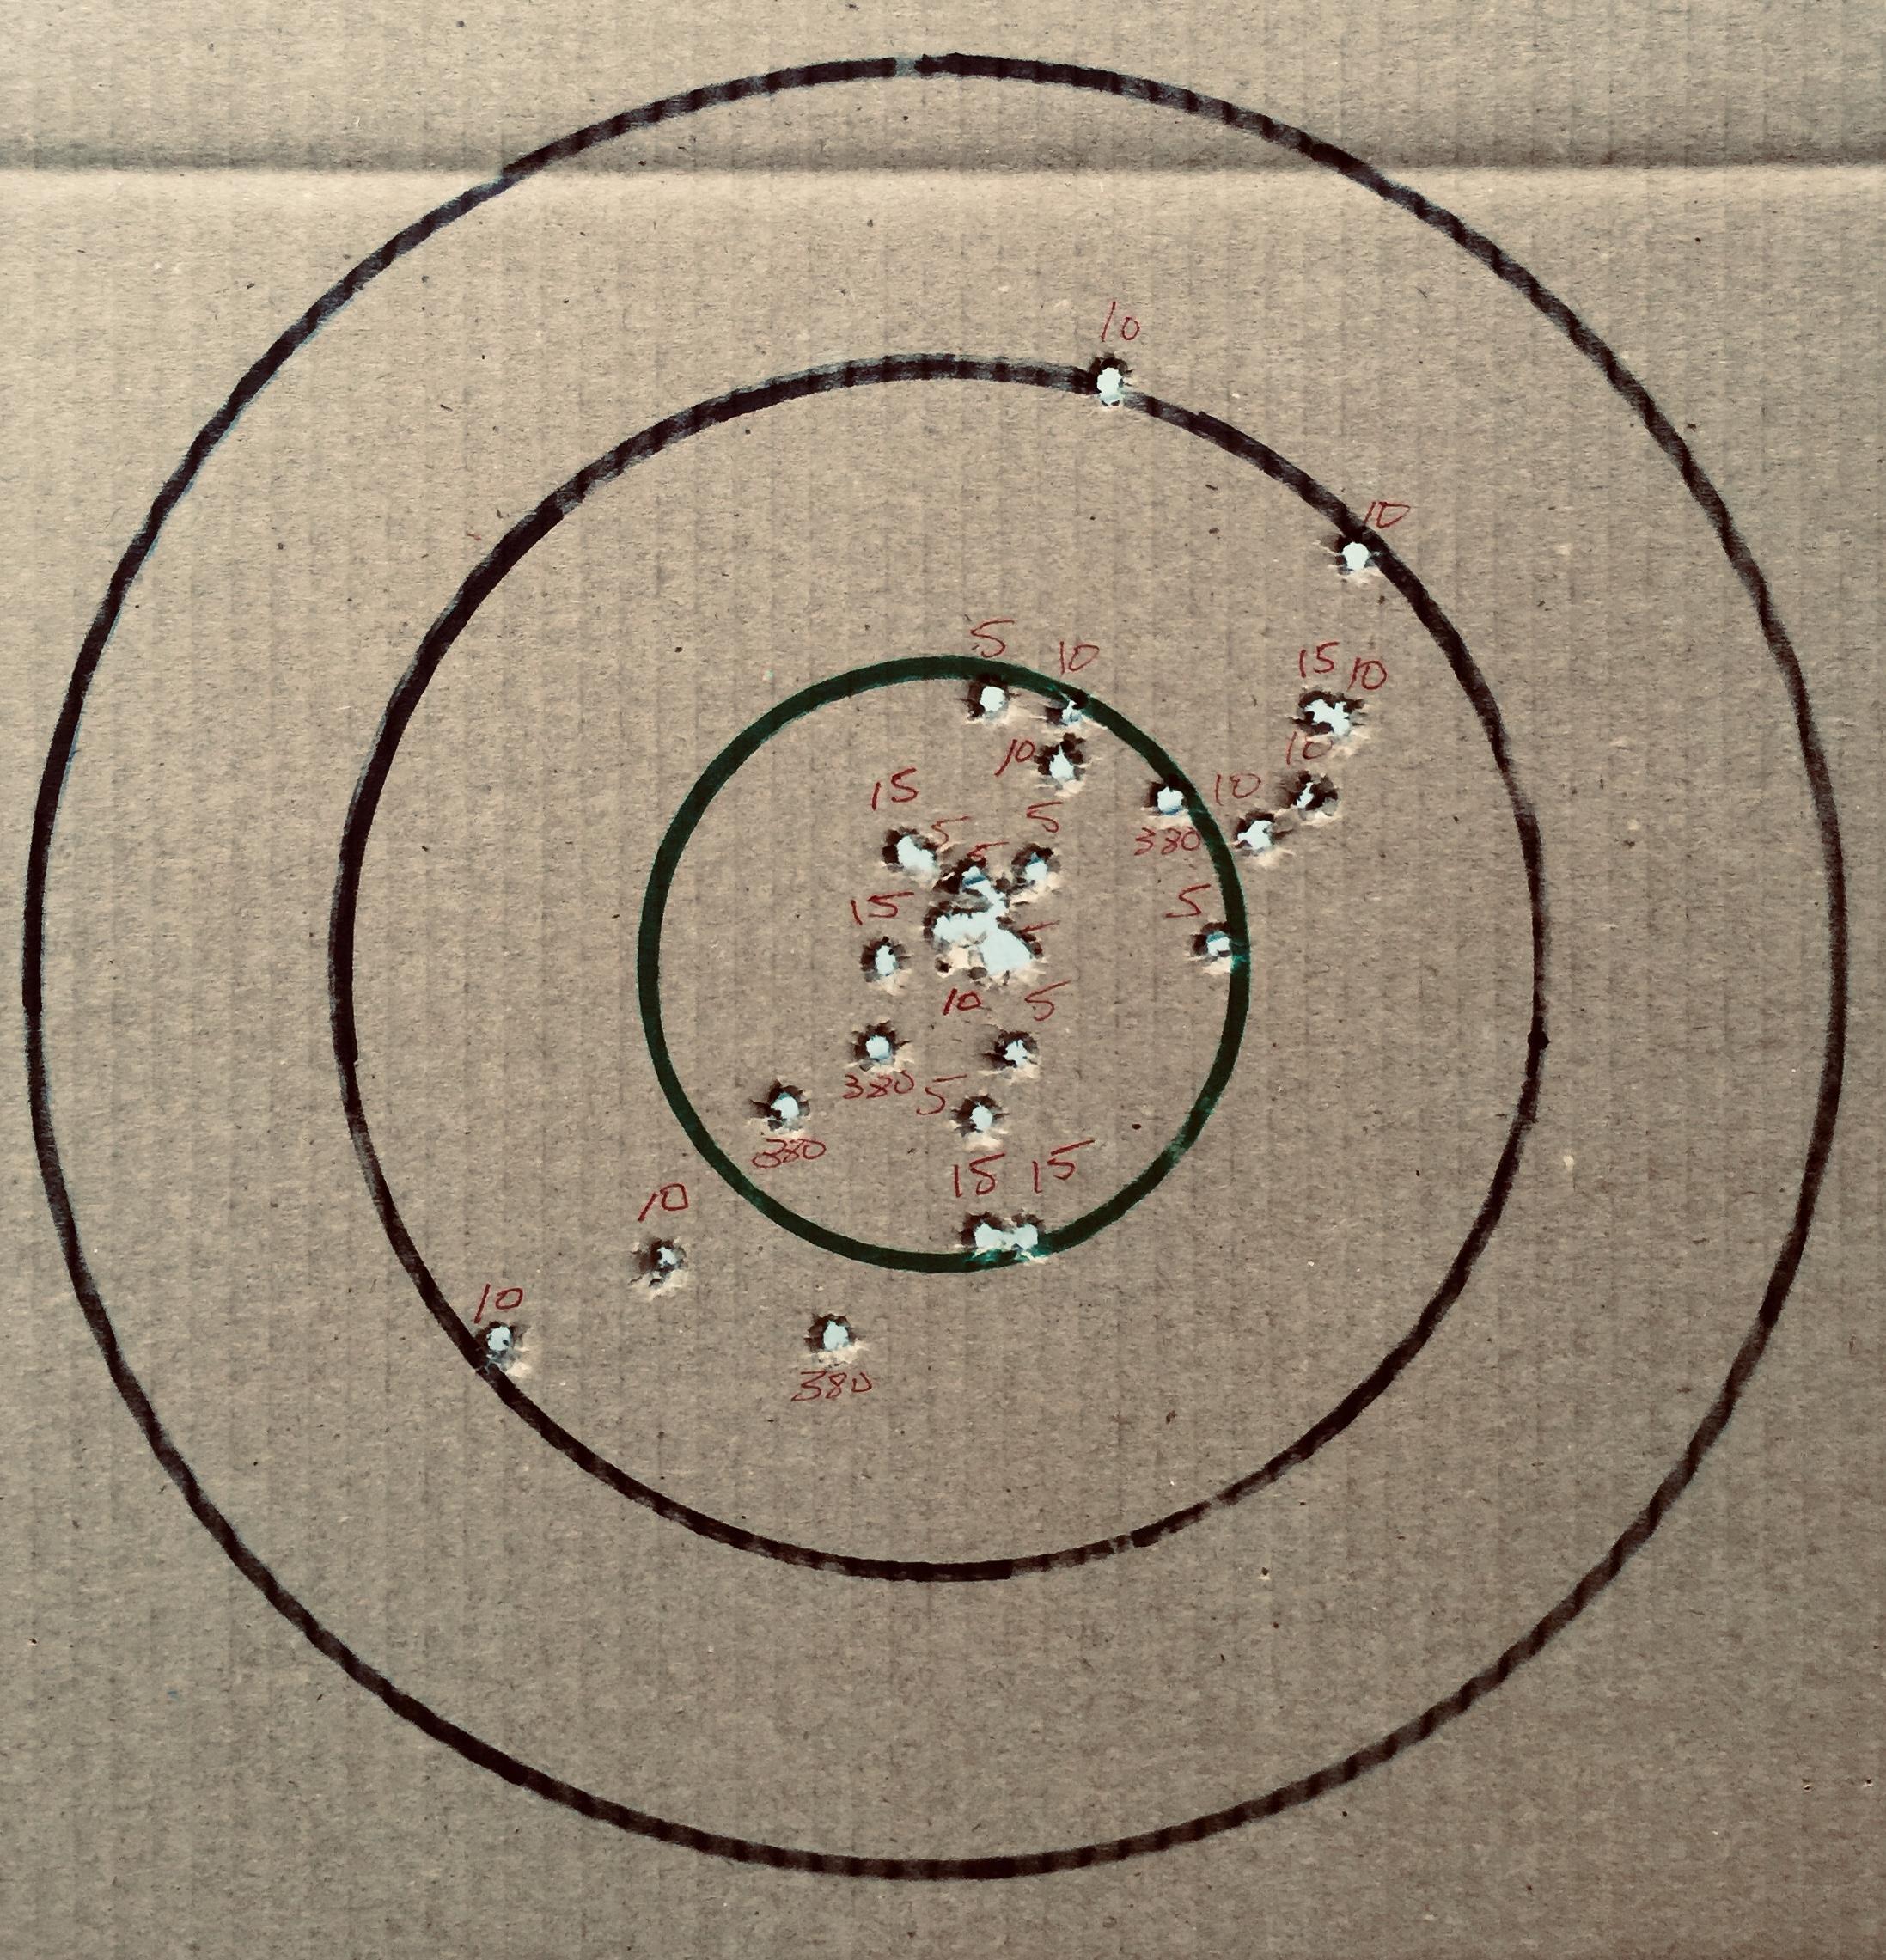 Targets-f92aed4b-a63a-4073-81cb-8dd7529b31e1.jpeg